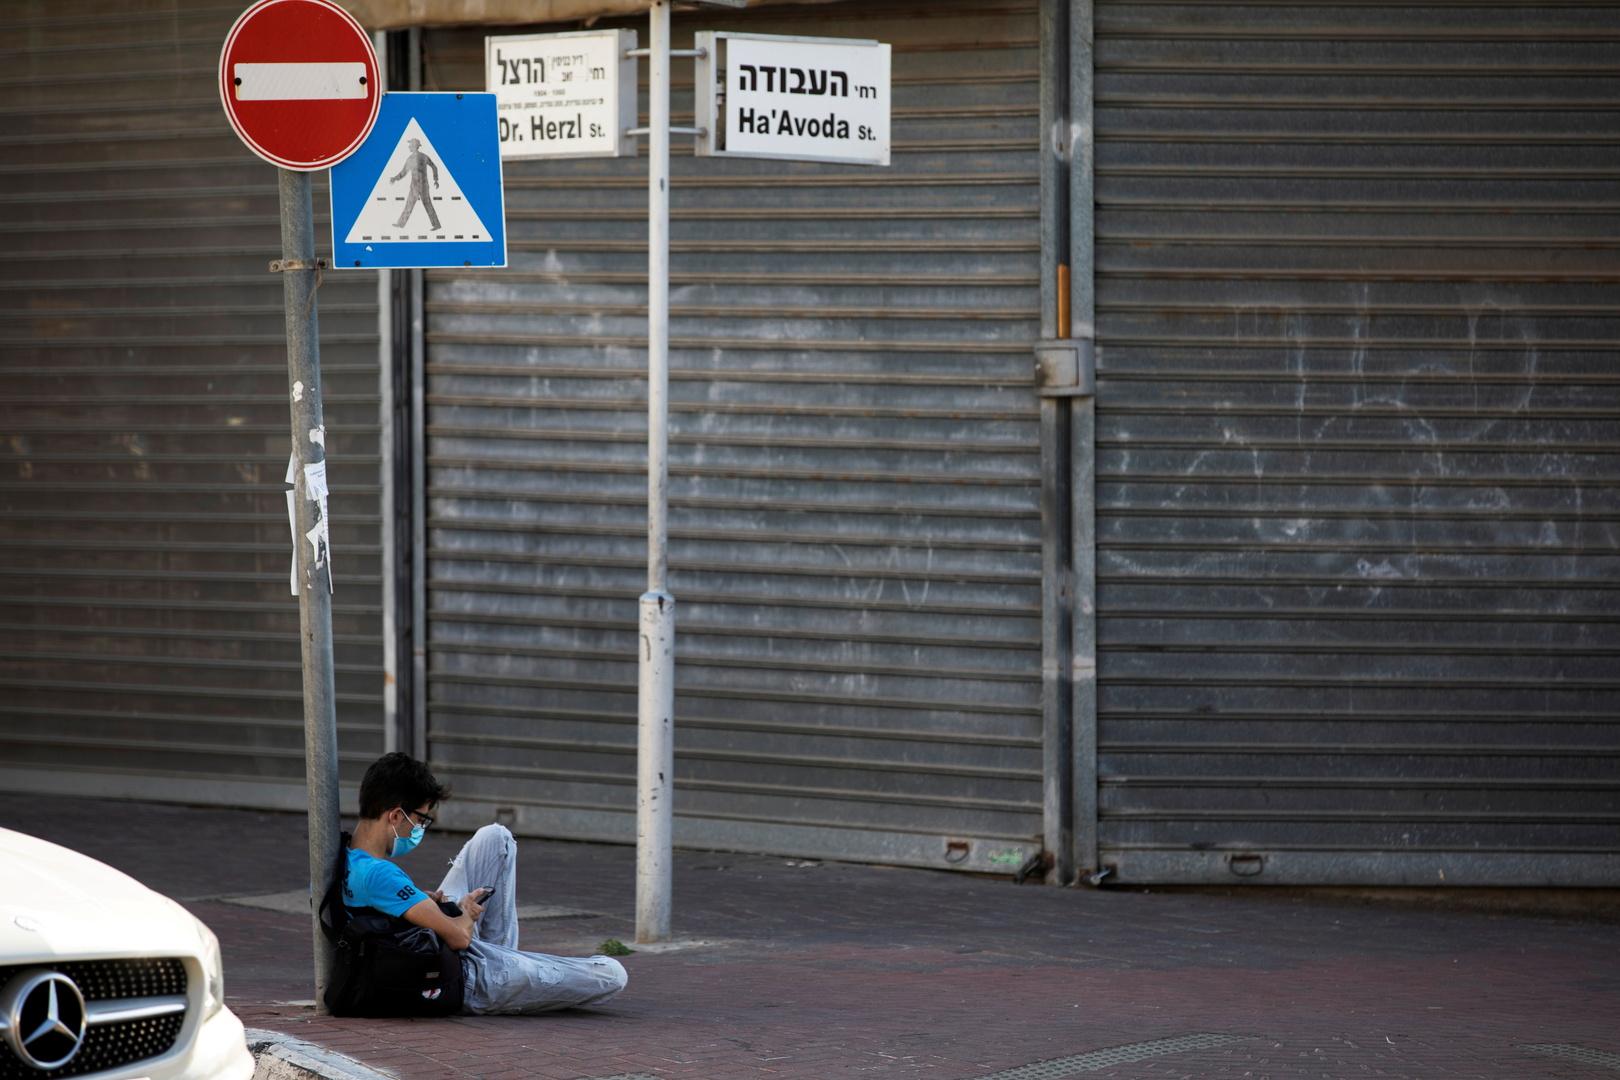 اسرائيل تسجل ارتفاعا بنسبة 40% في دعاوى الإفلاس في عام 2020